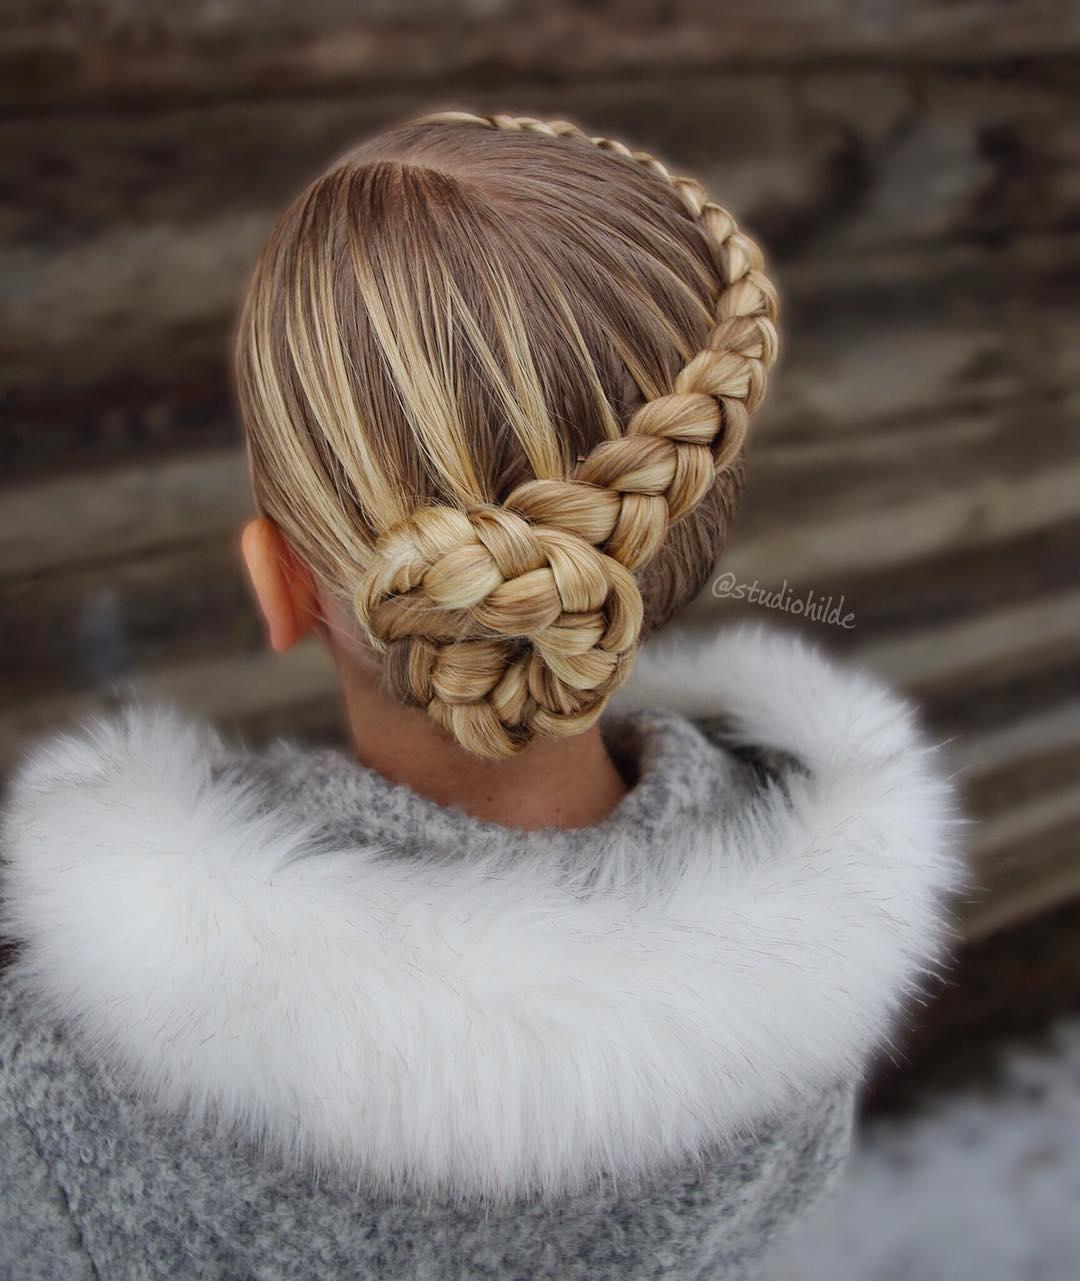 لاکچری ترین بافت مو دخترانه فرانسوی